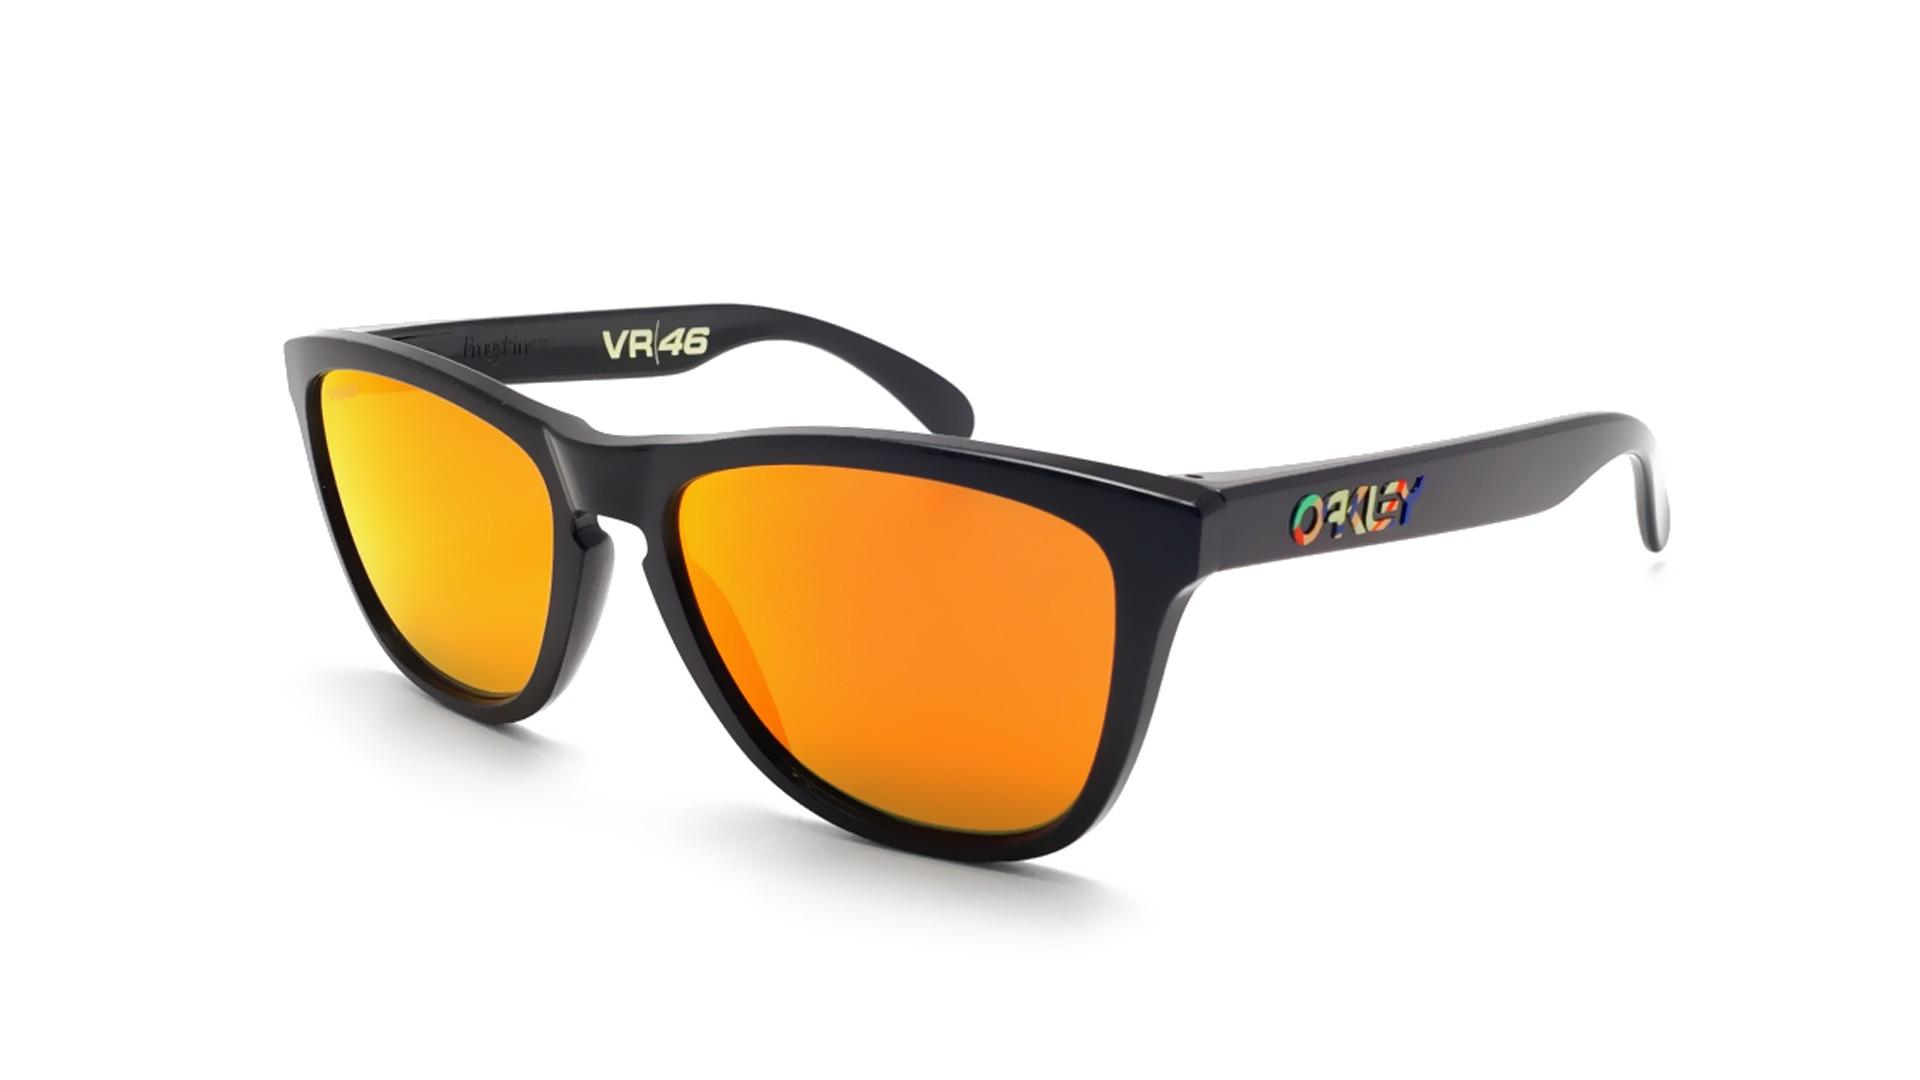 Sunglasses Oakley Frogskins Valentino Rossi Vr46 Black Prizm OO9013 E6  55-17 Medium Flash a155838d08e7